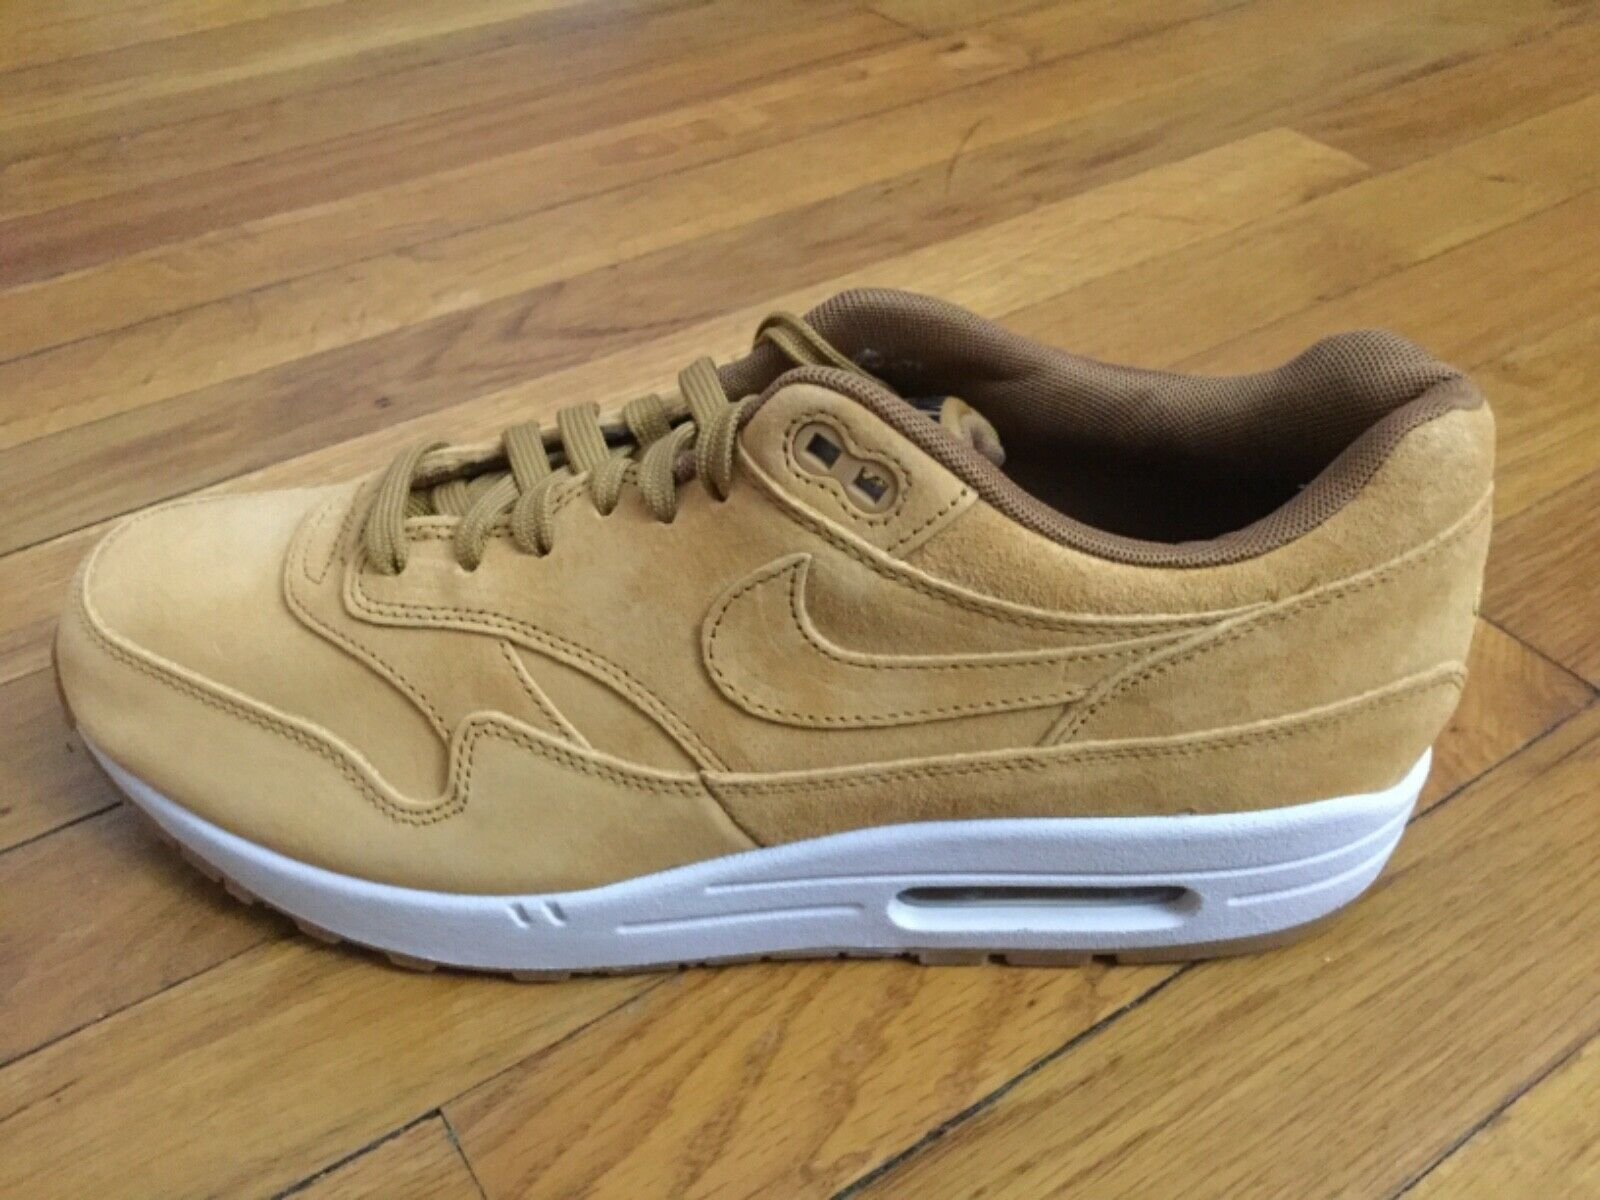 Premium 1 Max Air Nike Wheat masculinas. yardas 875844 701